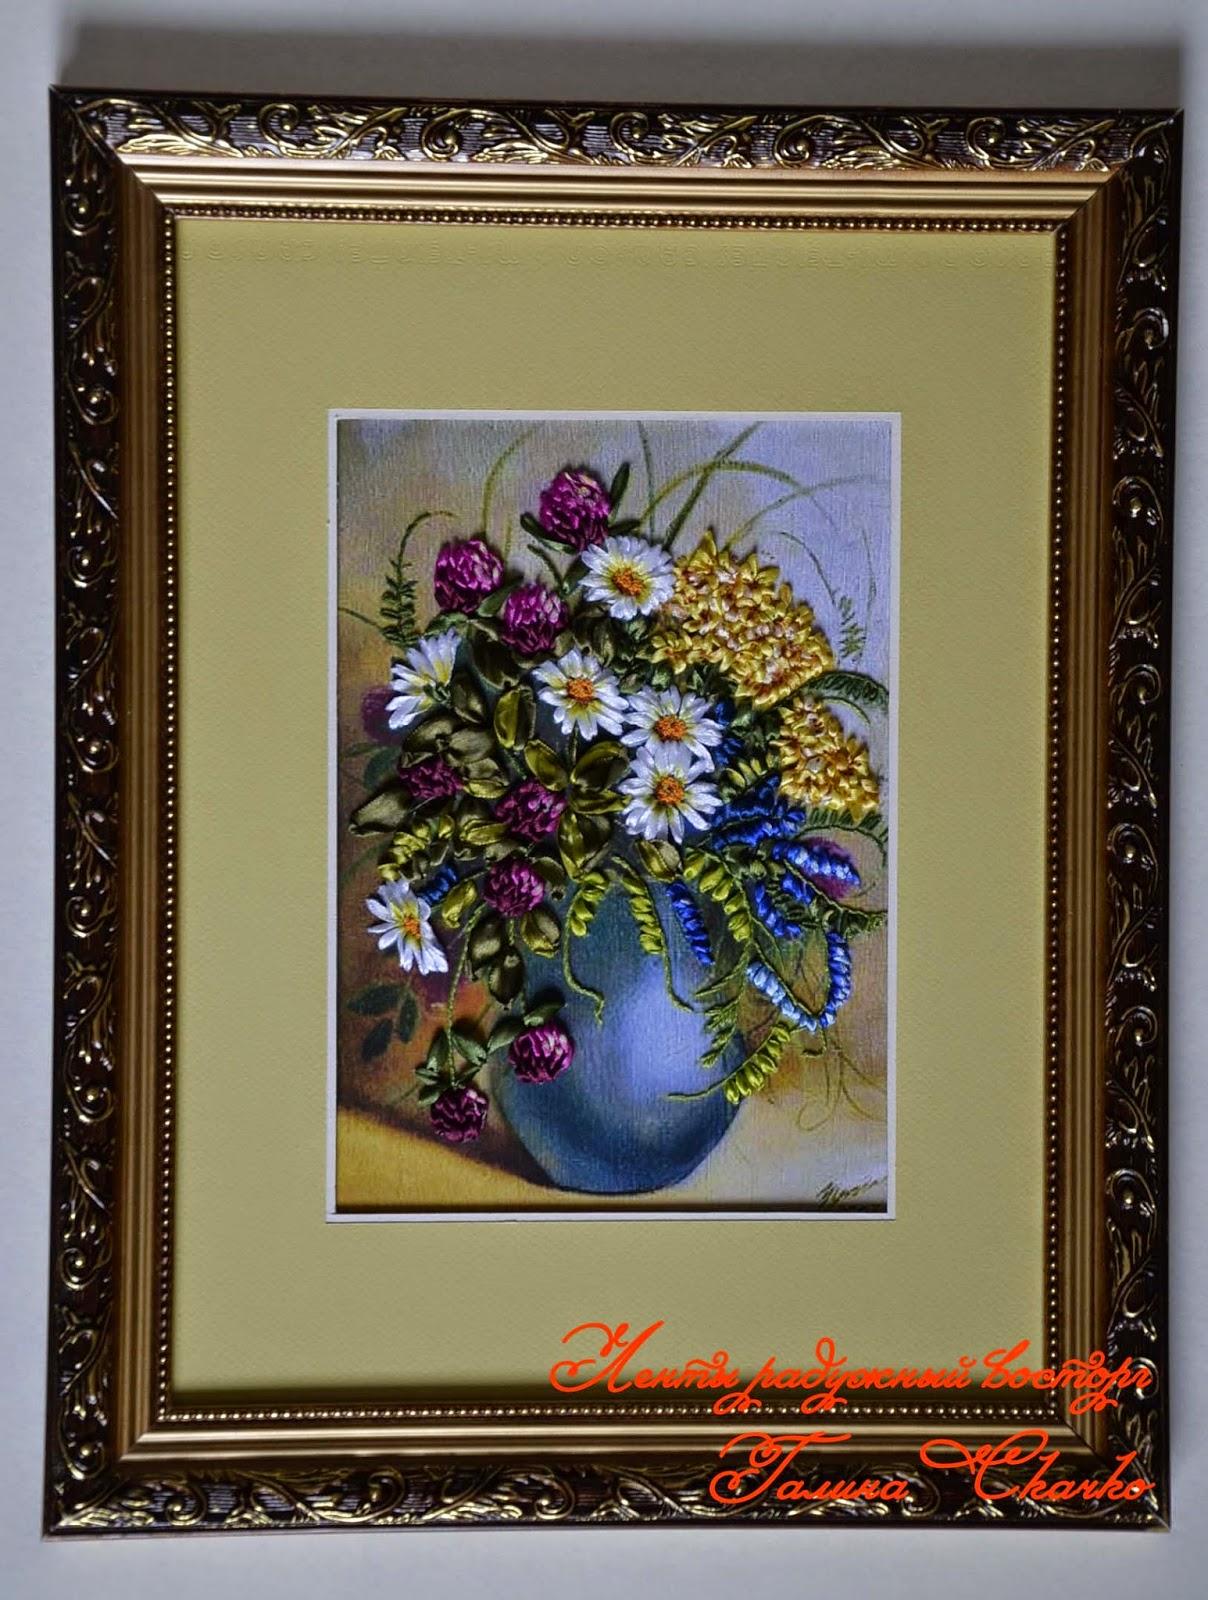 Картины вышитые лентами, вышивка полевых цветов, вышивка по принту